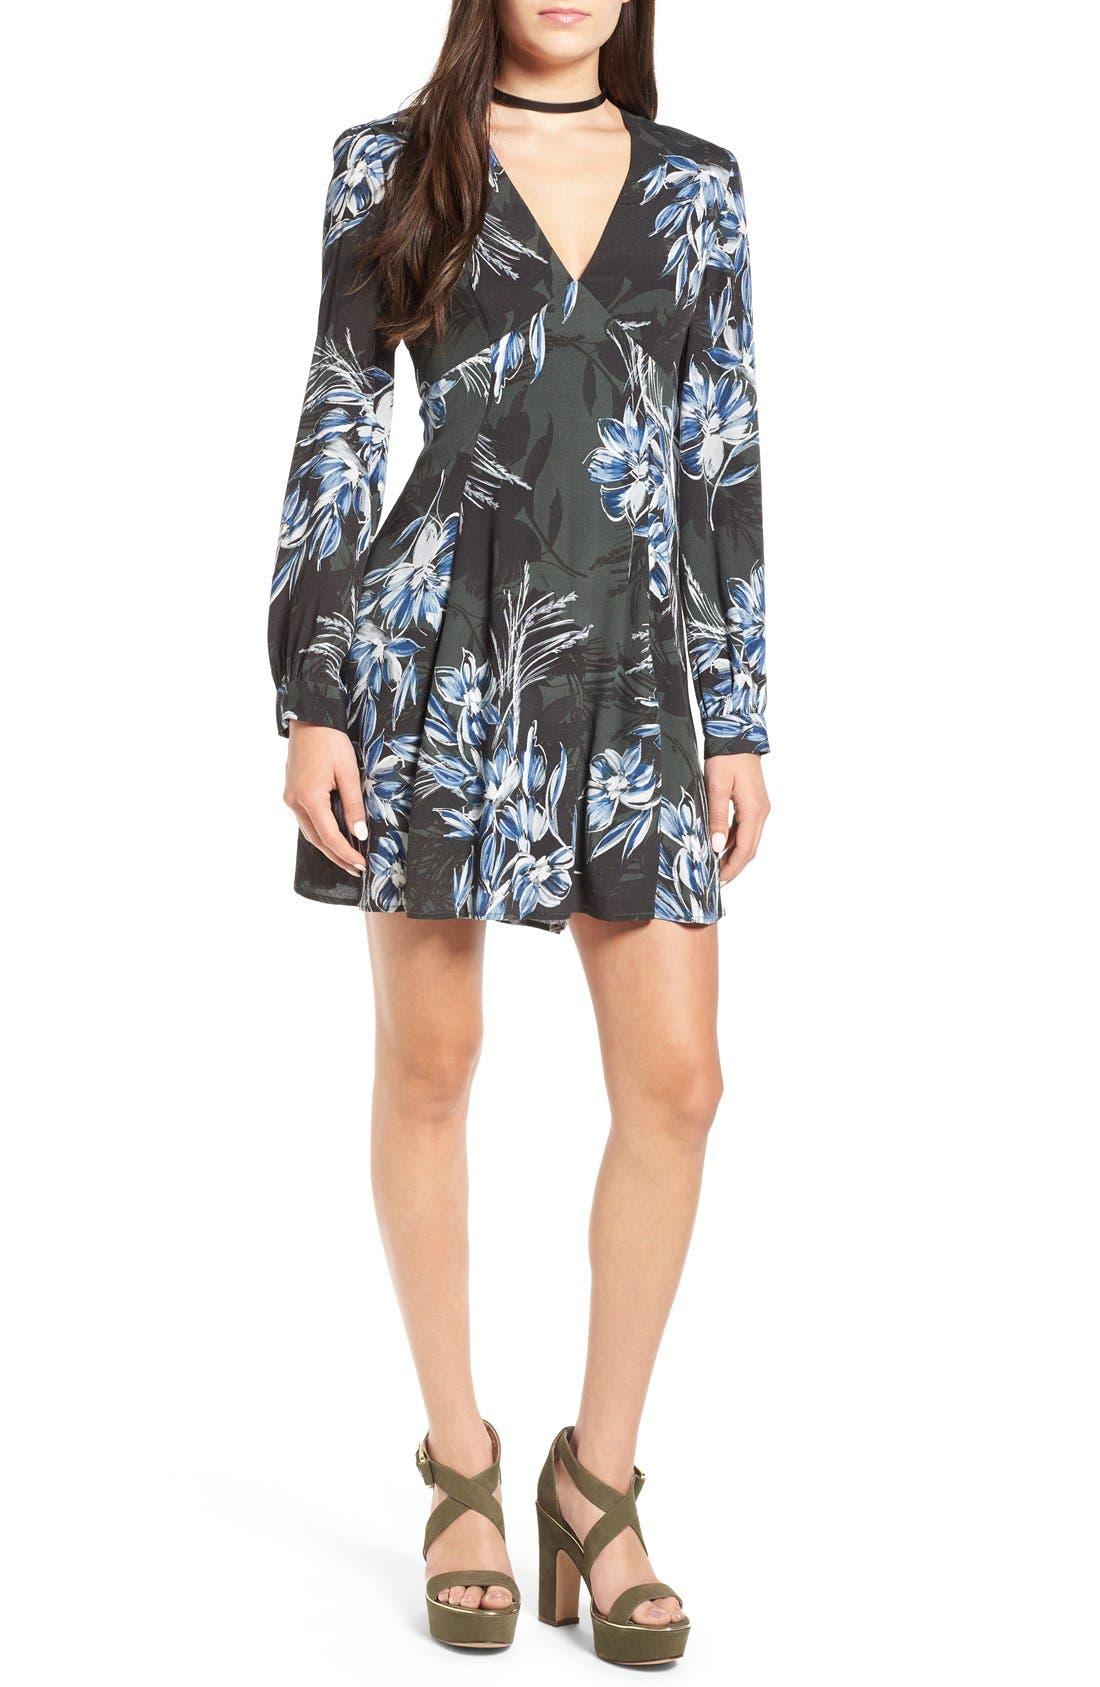 Main Image - ASTR 'Mabel' Fit & Flare Dress